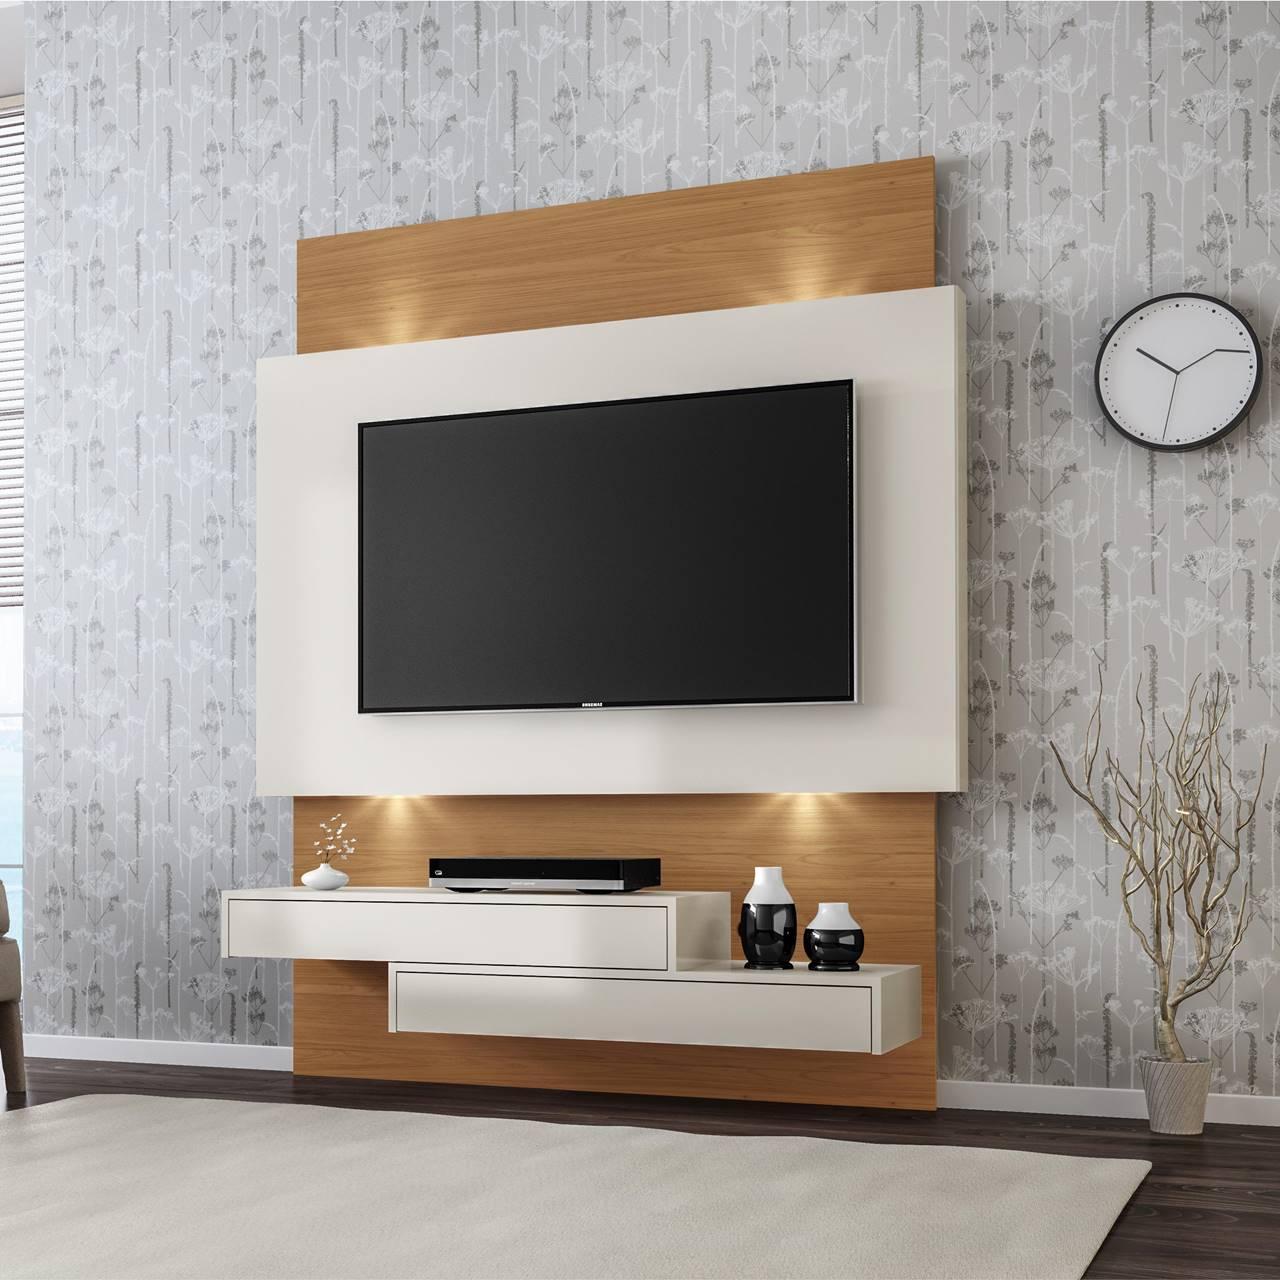 """Painel Home Suspenso p/ TV até 55"""" com LED TB120L Dalla Costa Offwhite/Freijó"""